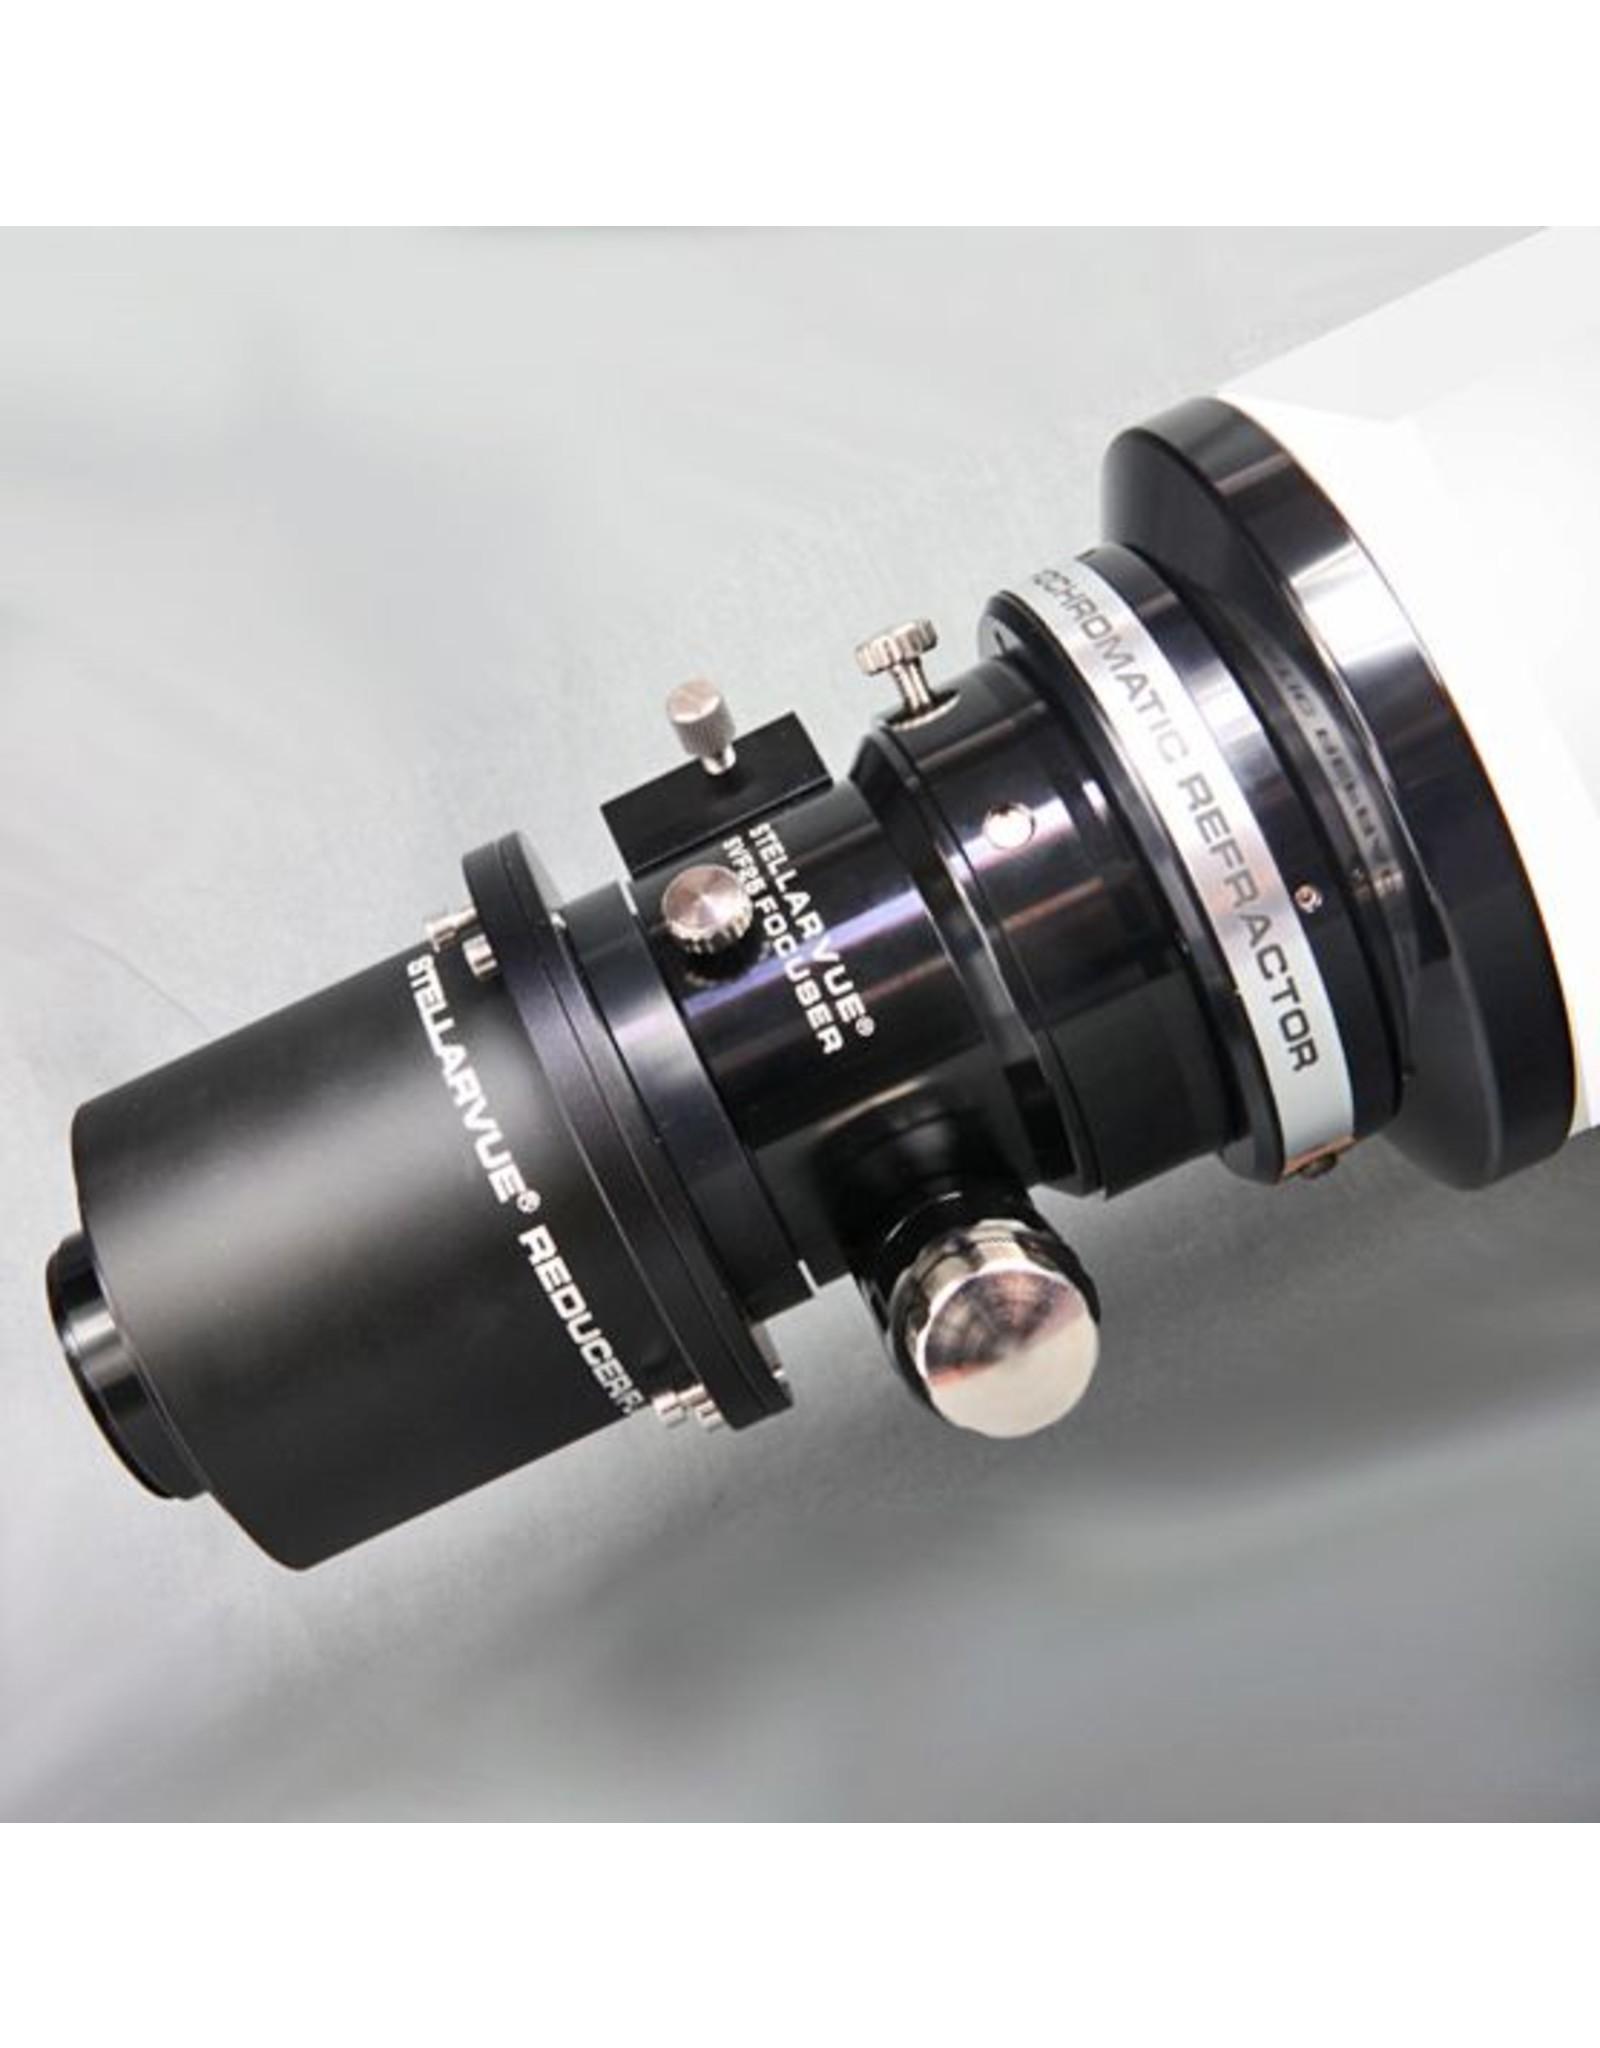 """Stellarvue Stellarvue SFFR.72-130-25-48 Reducer/Flattener for 2.5"""" focuser and 48 mm Camera Attachment"""